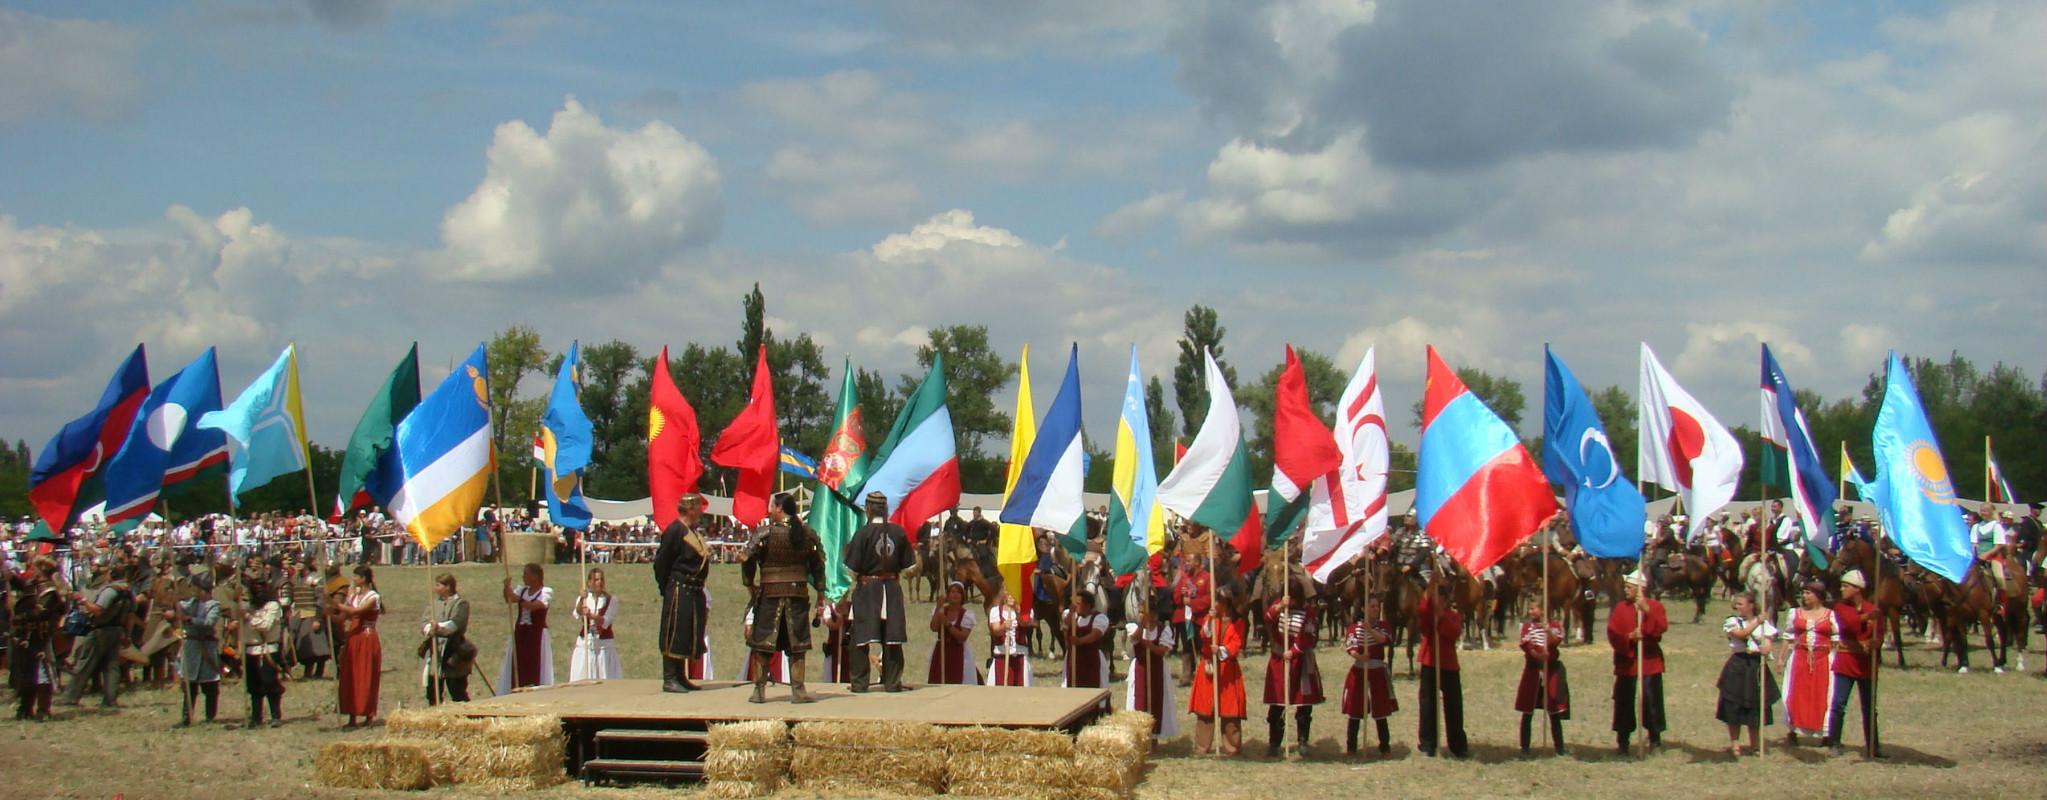 Фонтан тюркских народов